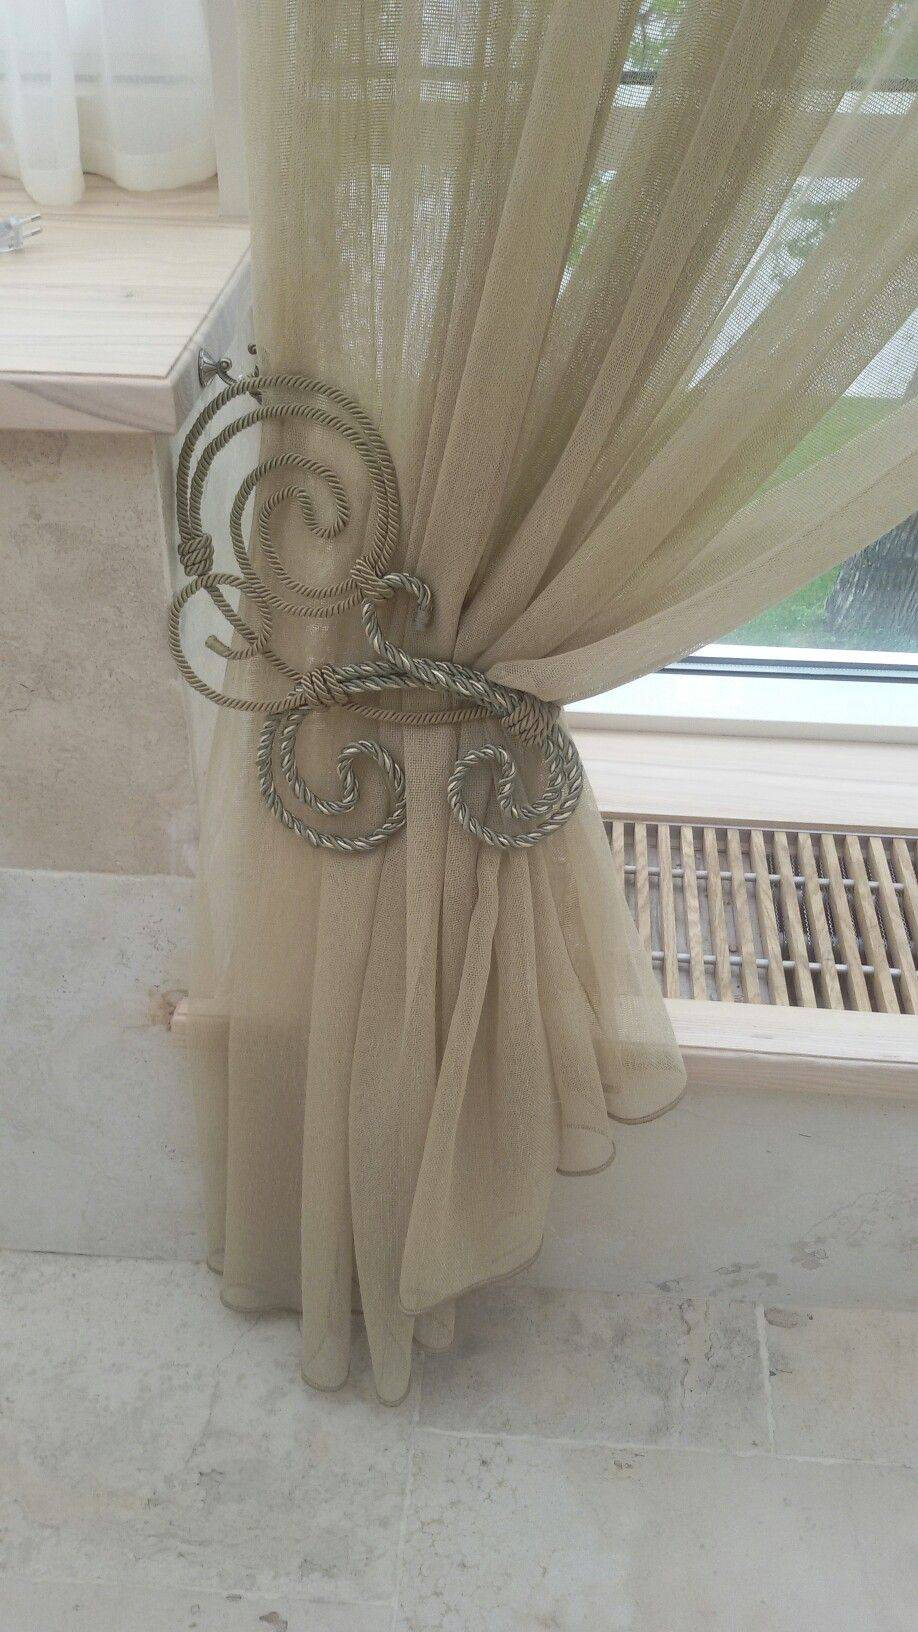 Необычные шторы своими руками: 17 оригинальных дизайнерских идей из «marie claire» | дизайн-ремонт.инфо. фото интерьеров. идеи для дома